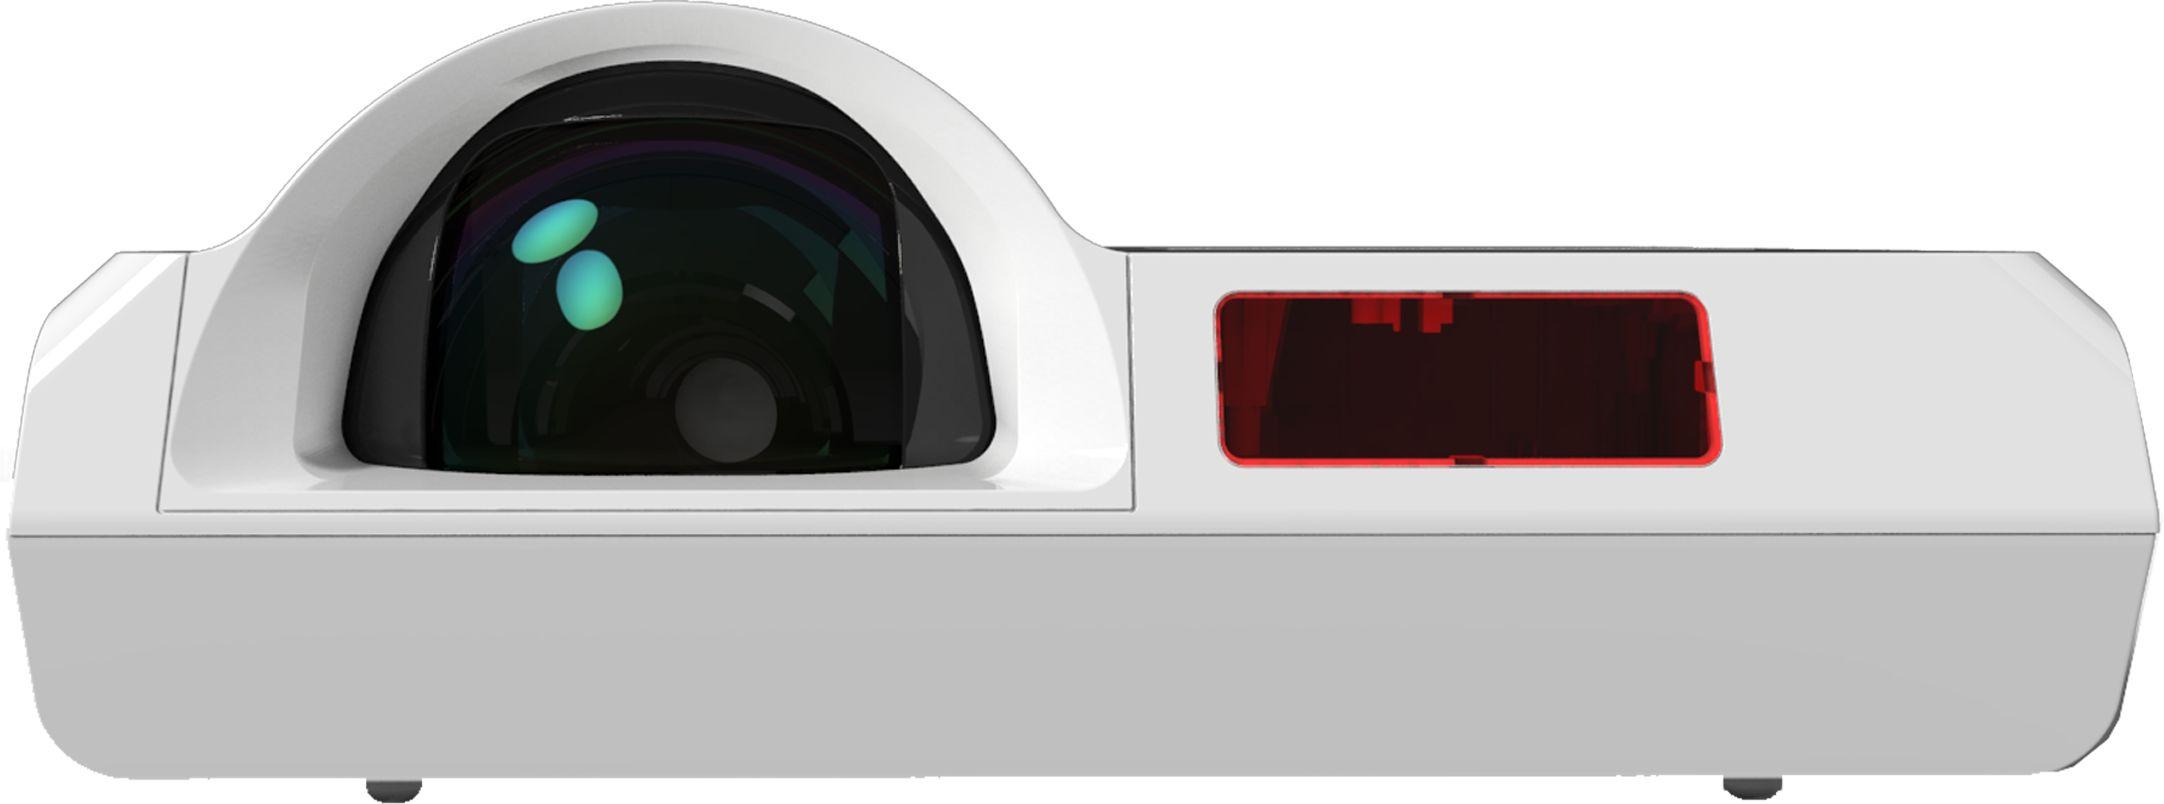 Projektor ASK Proxima S420 - Projektor archiwalny - dobierzemy najlepszy zamiennik: 71 784 97 60